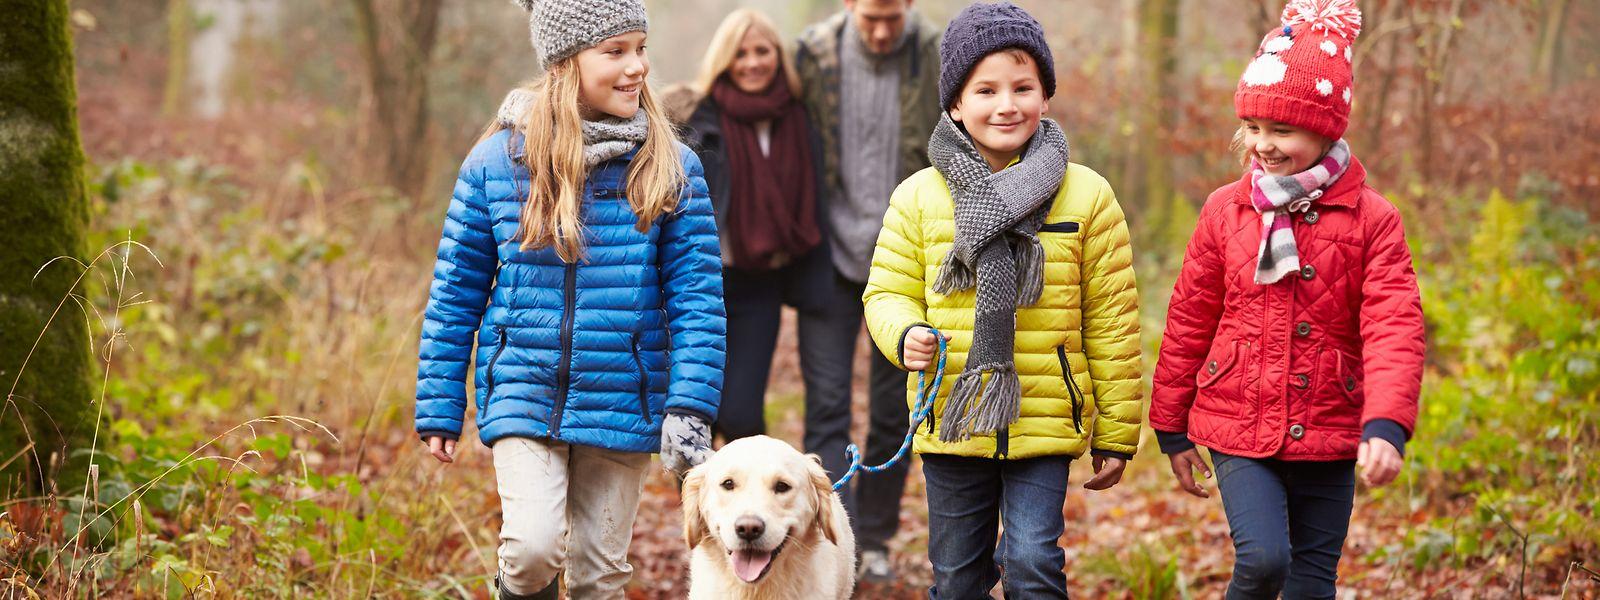 Spaziergänge in der freien Natur fördern das Miteinander.